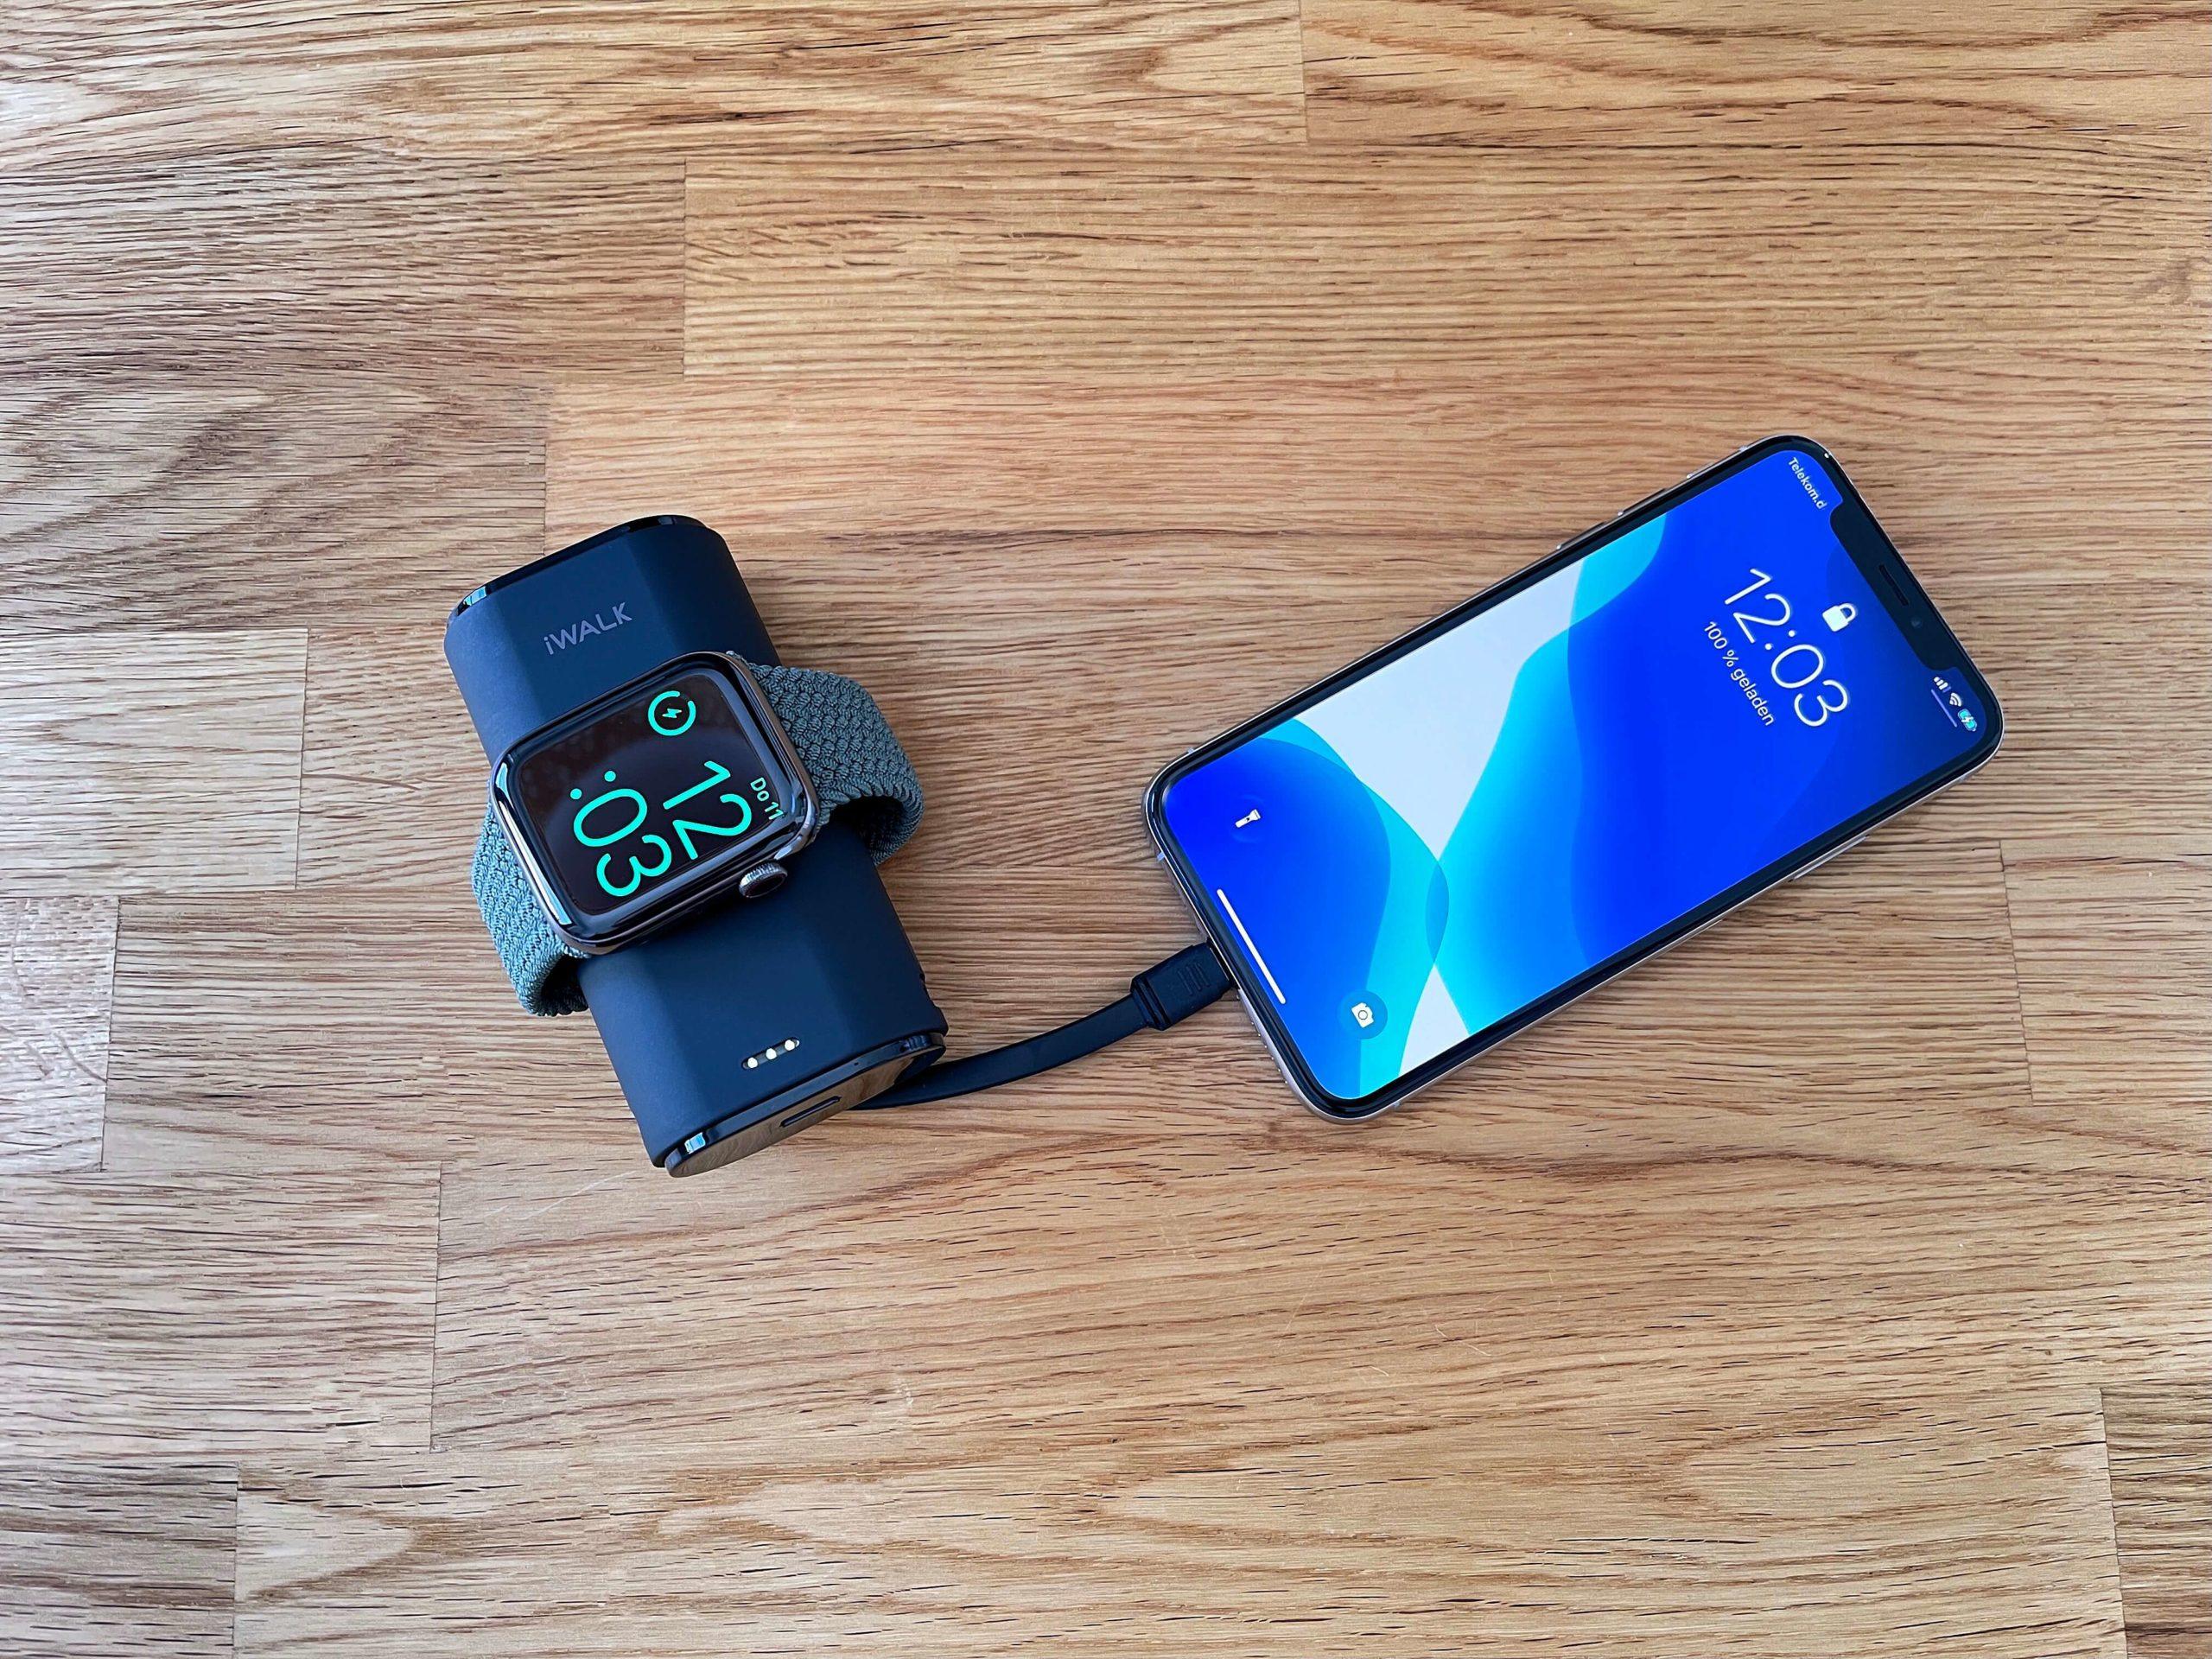 Zusatzakku-fuer-Apple-Watch-und-iPhone-von-iWalk-Strom-als-Handgepaeck4-scaled Zusatzakku für Apple Watch und iPhone von iWalk - Strom als Handgepäck